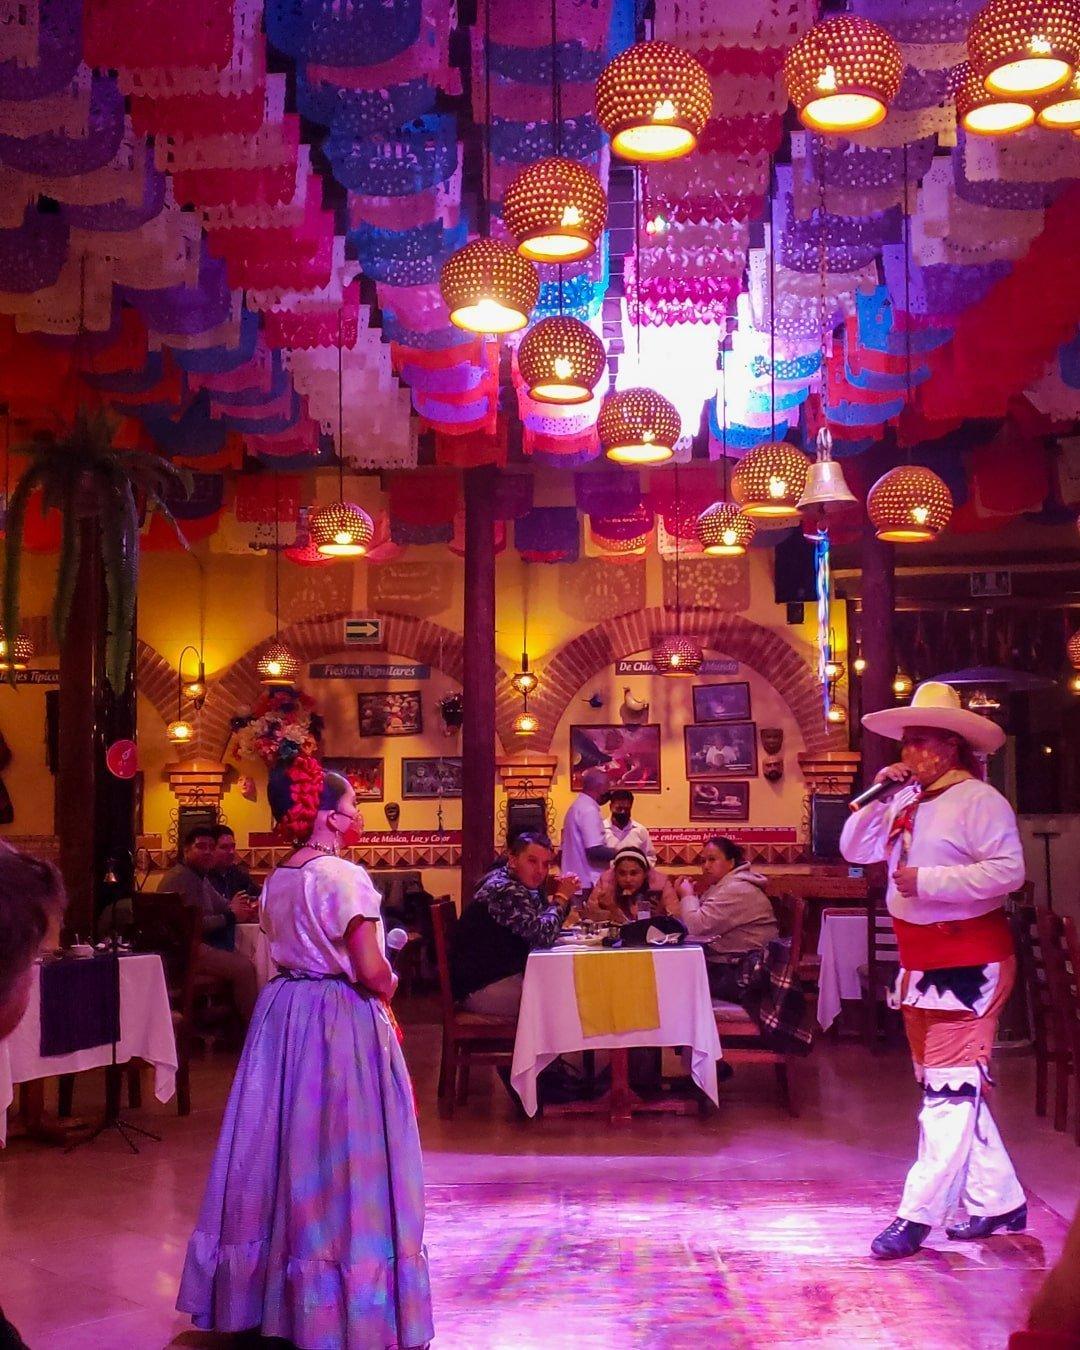 chiapaneco dancers inside las pichanchas restaurant in san cristobal de las casas